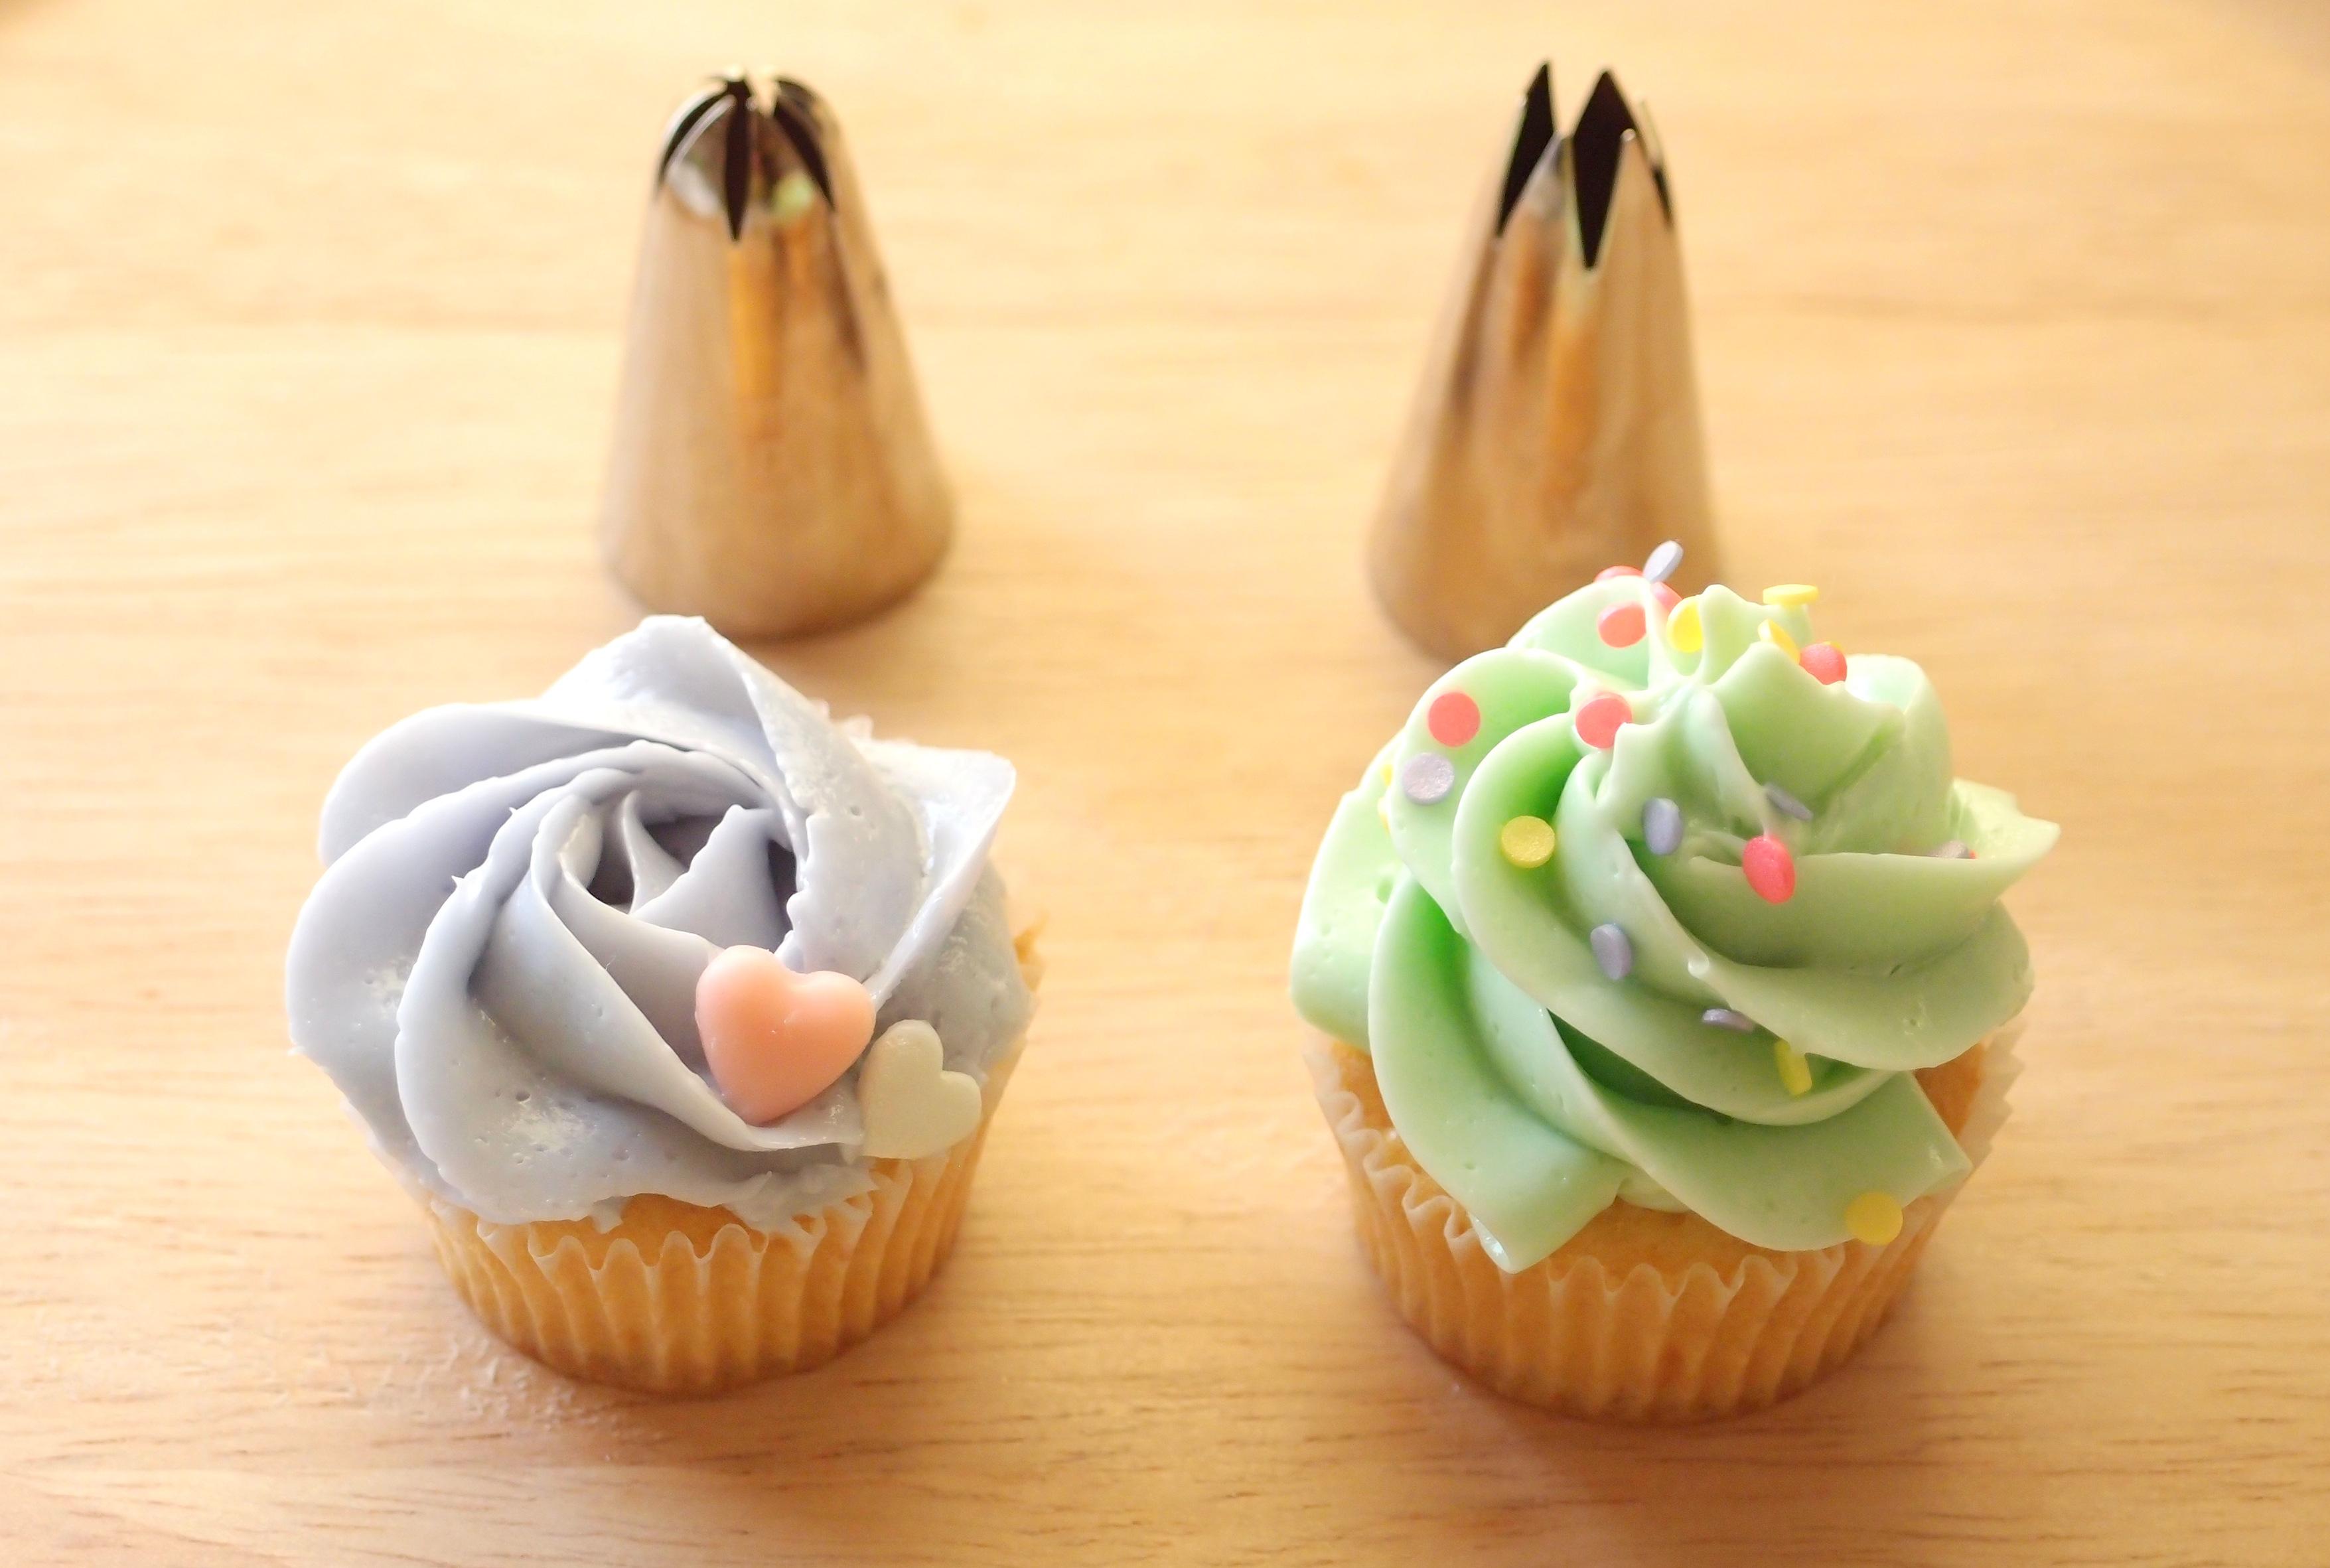 ウィルトンの1Mと2Dの口金を使ったカップケーキの簡単なデコレーション方法